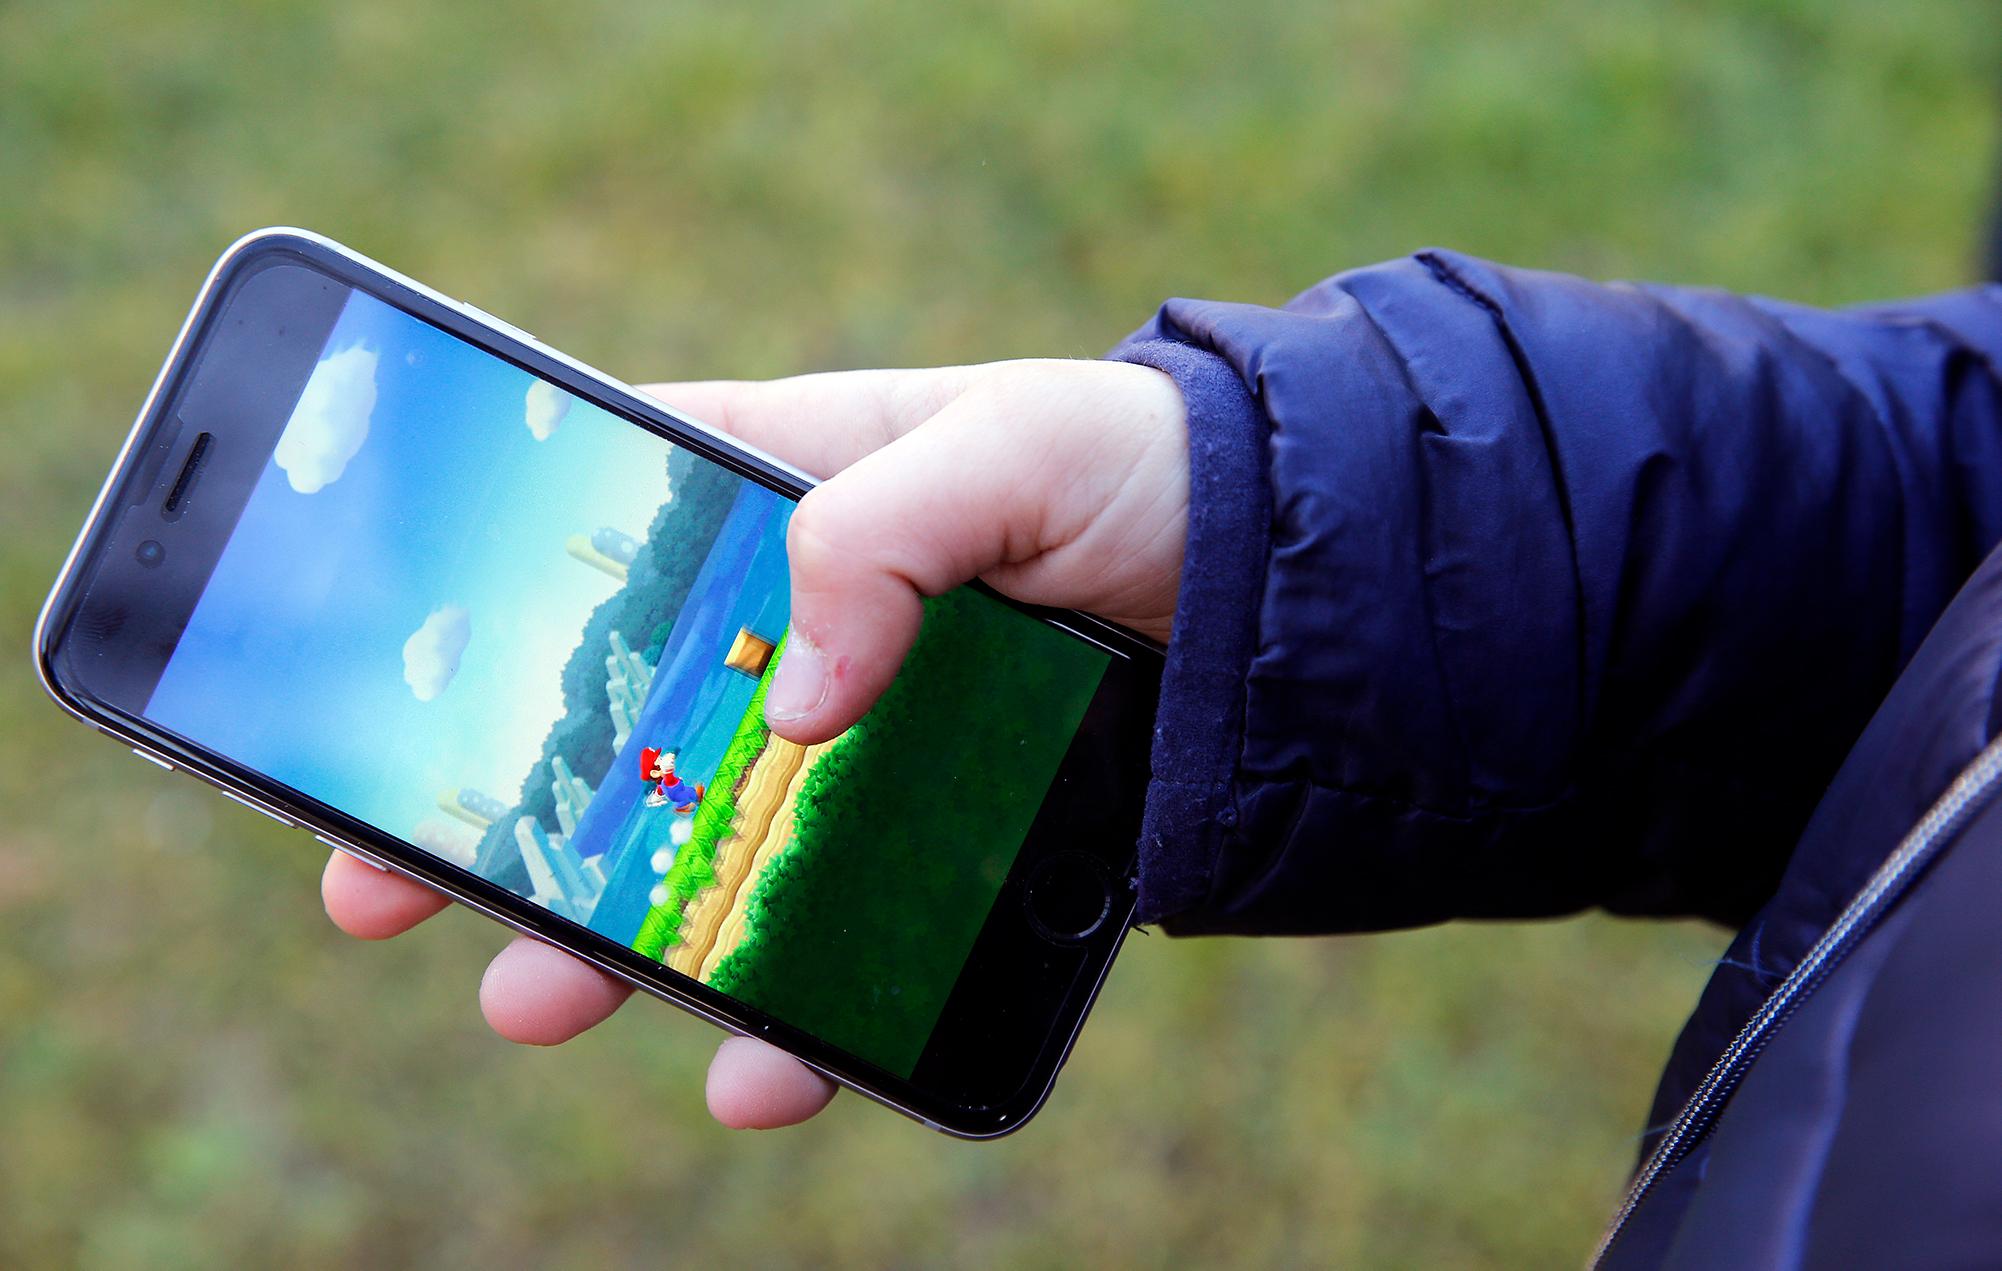 super mario run mobile smartphone app game